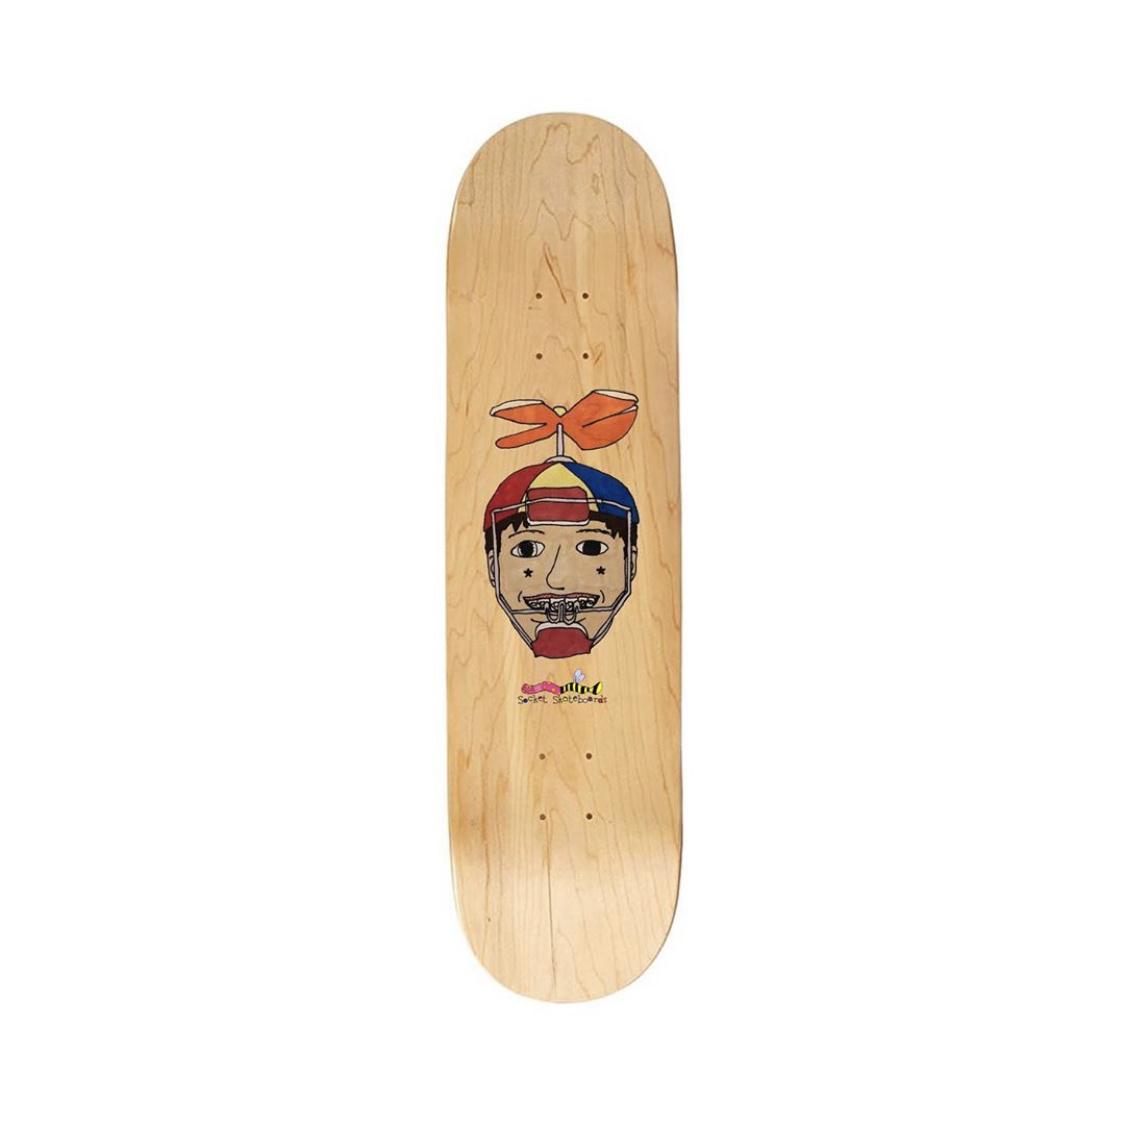 socket skateboards socket picture 8.25 deck